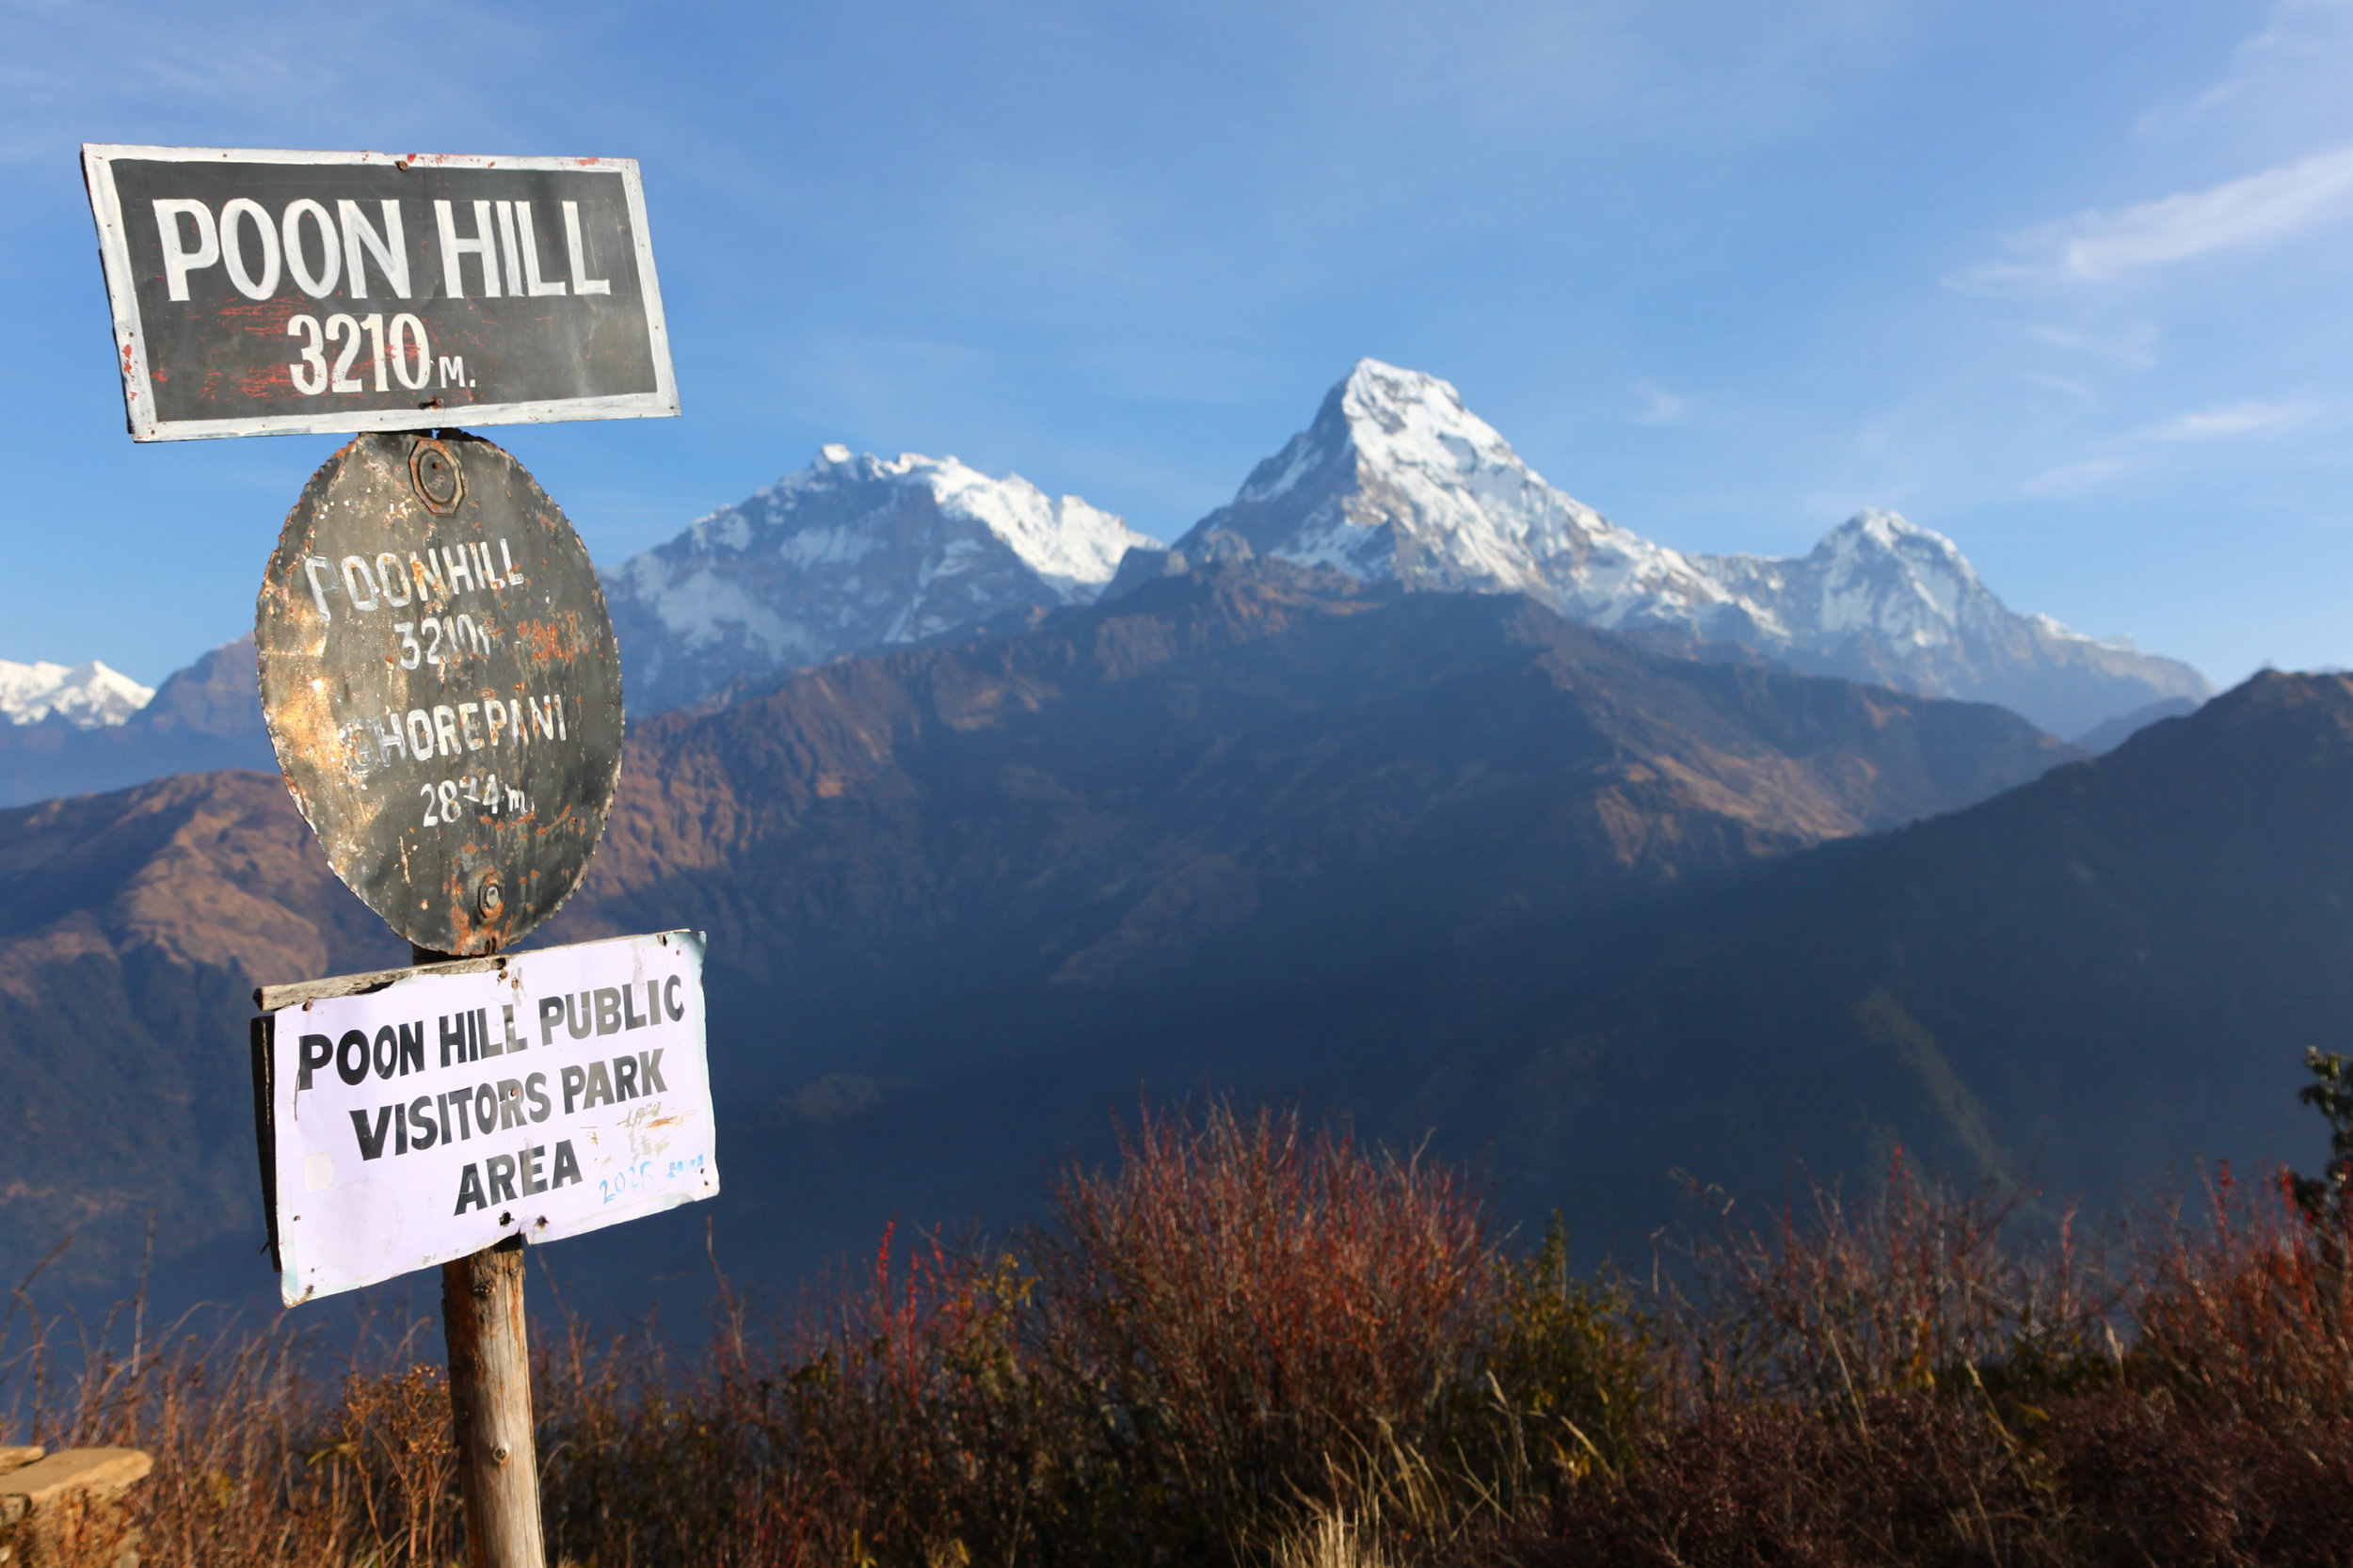 nepal_annapurna_bigstock-Beautiful-View-Of-Annapurna-Ra-41361580.jpg